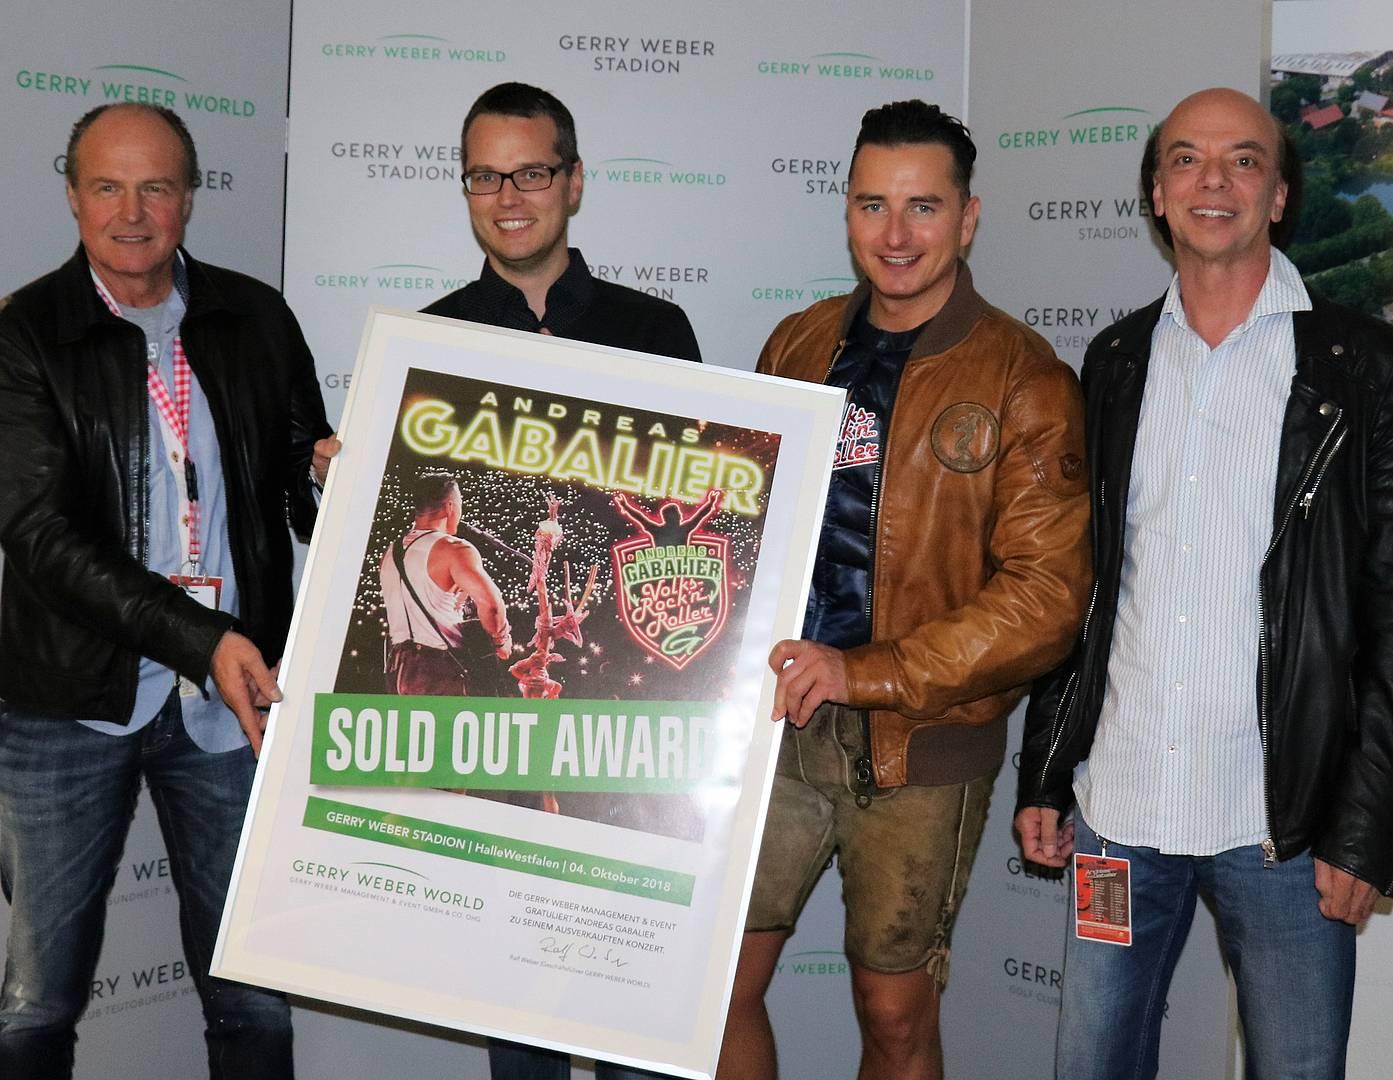 Konzert Andreas Gabalier Volks Rocknroller Erhält Sold Out Award